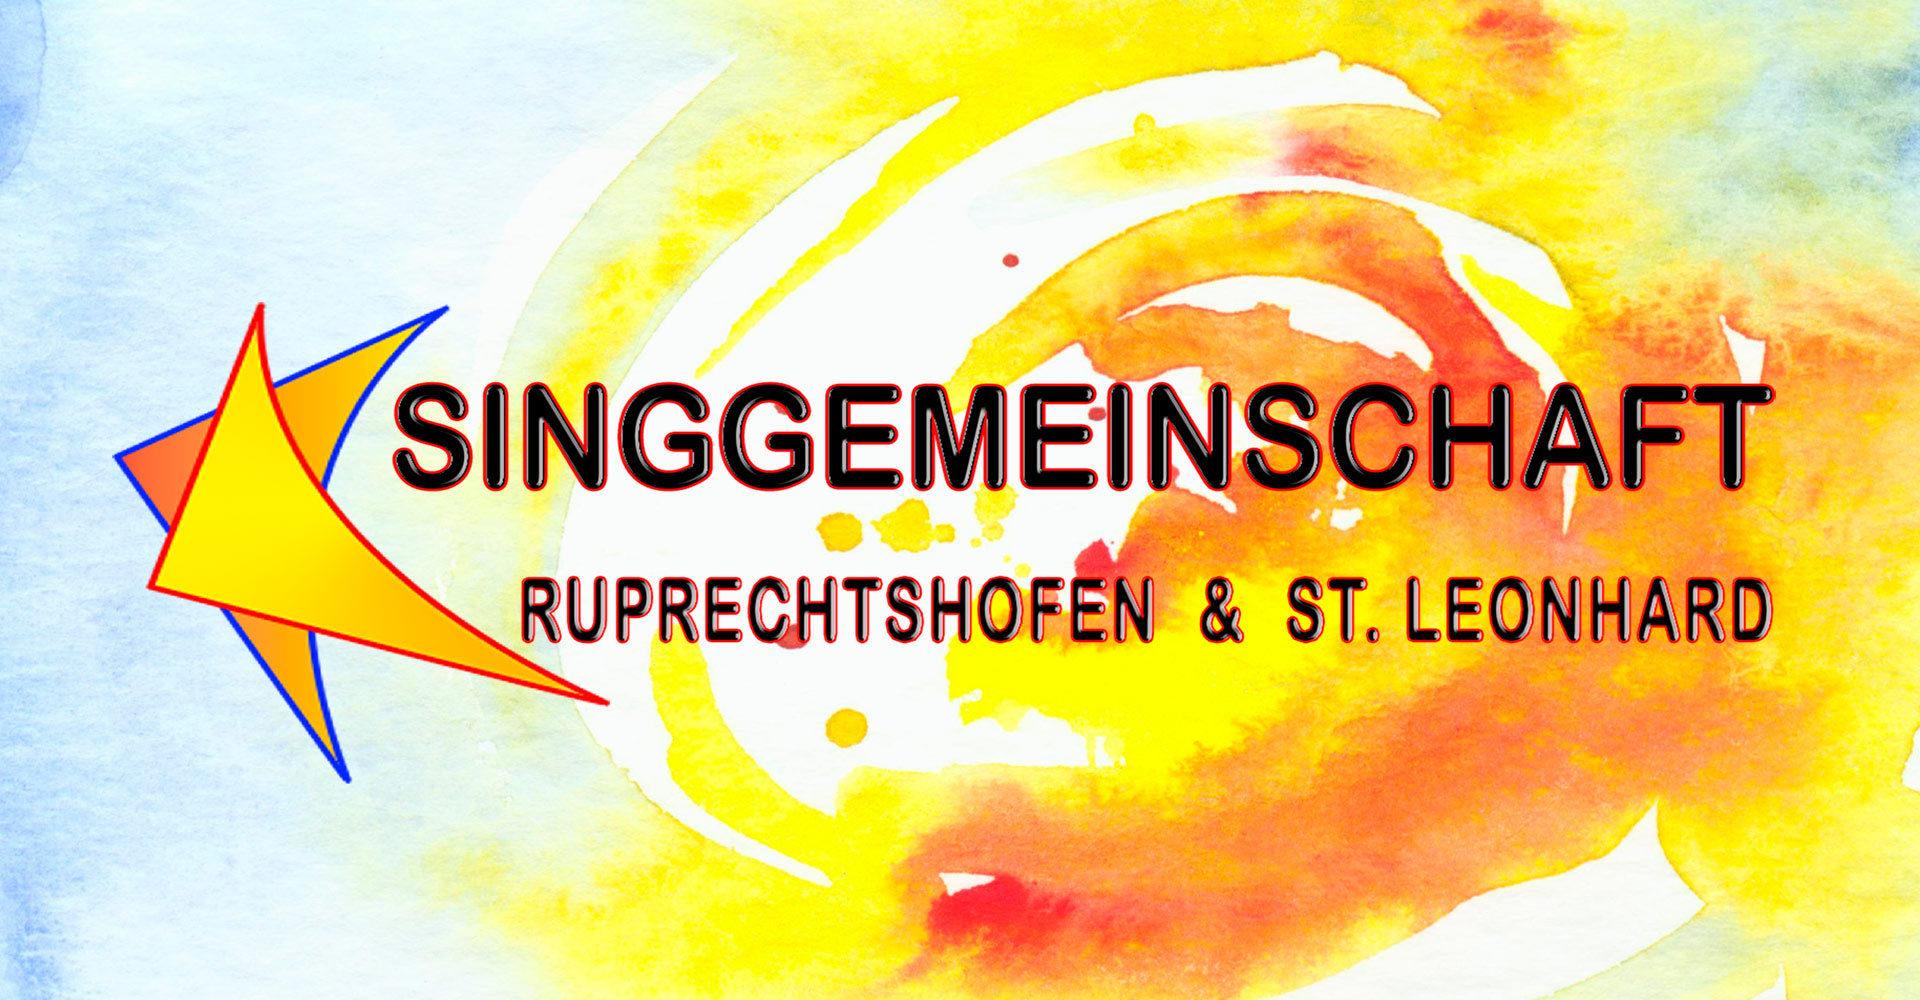 Singgemeinschaft Ruprechtshofen & St. Leonhard